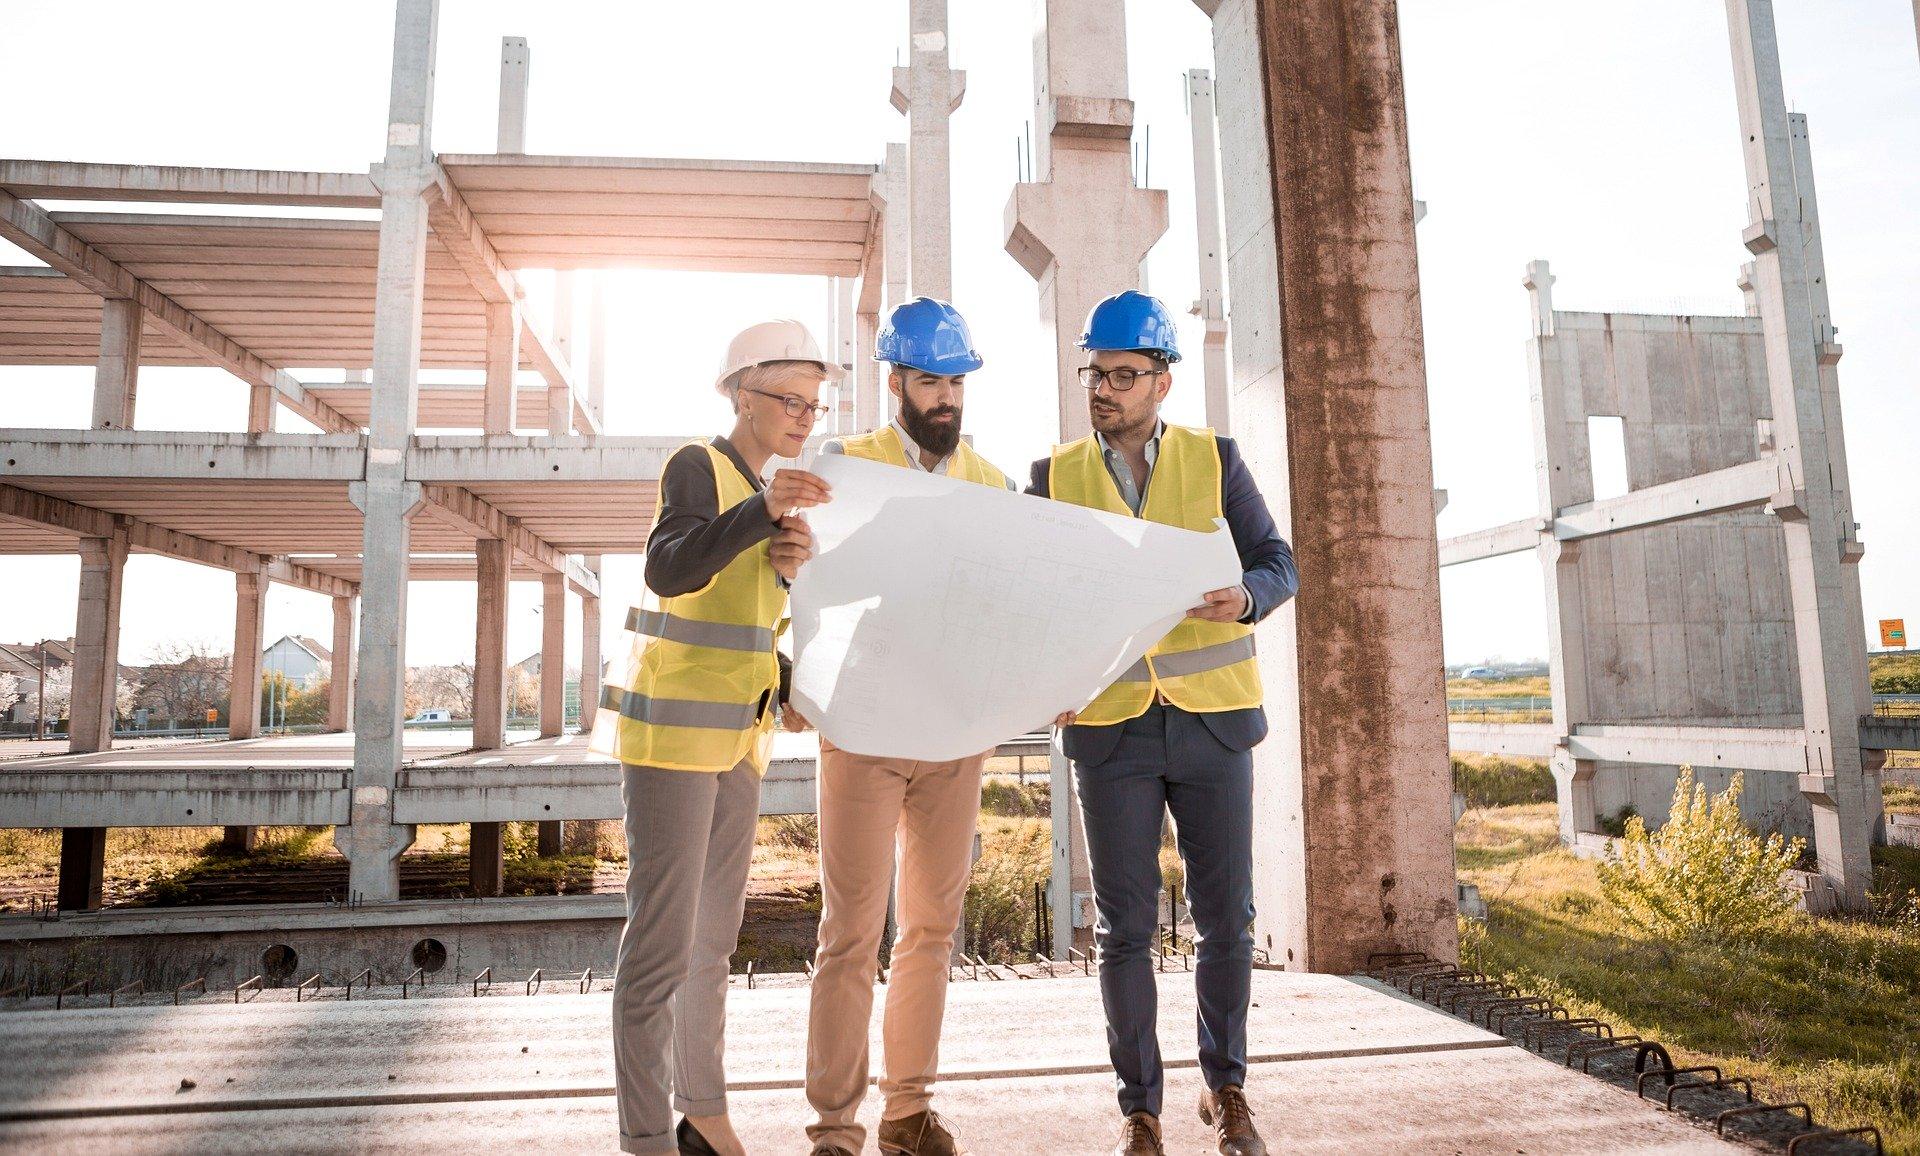 ייצוג בתביעות ליקויי בנייה